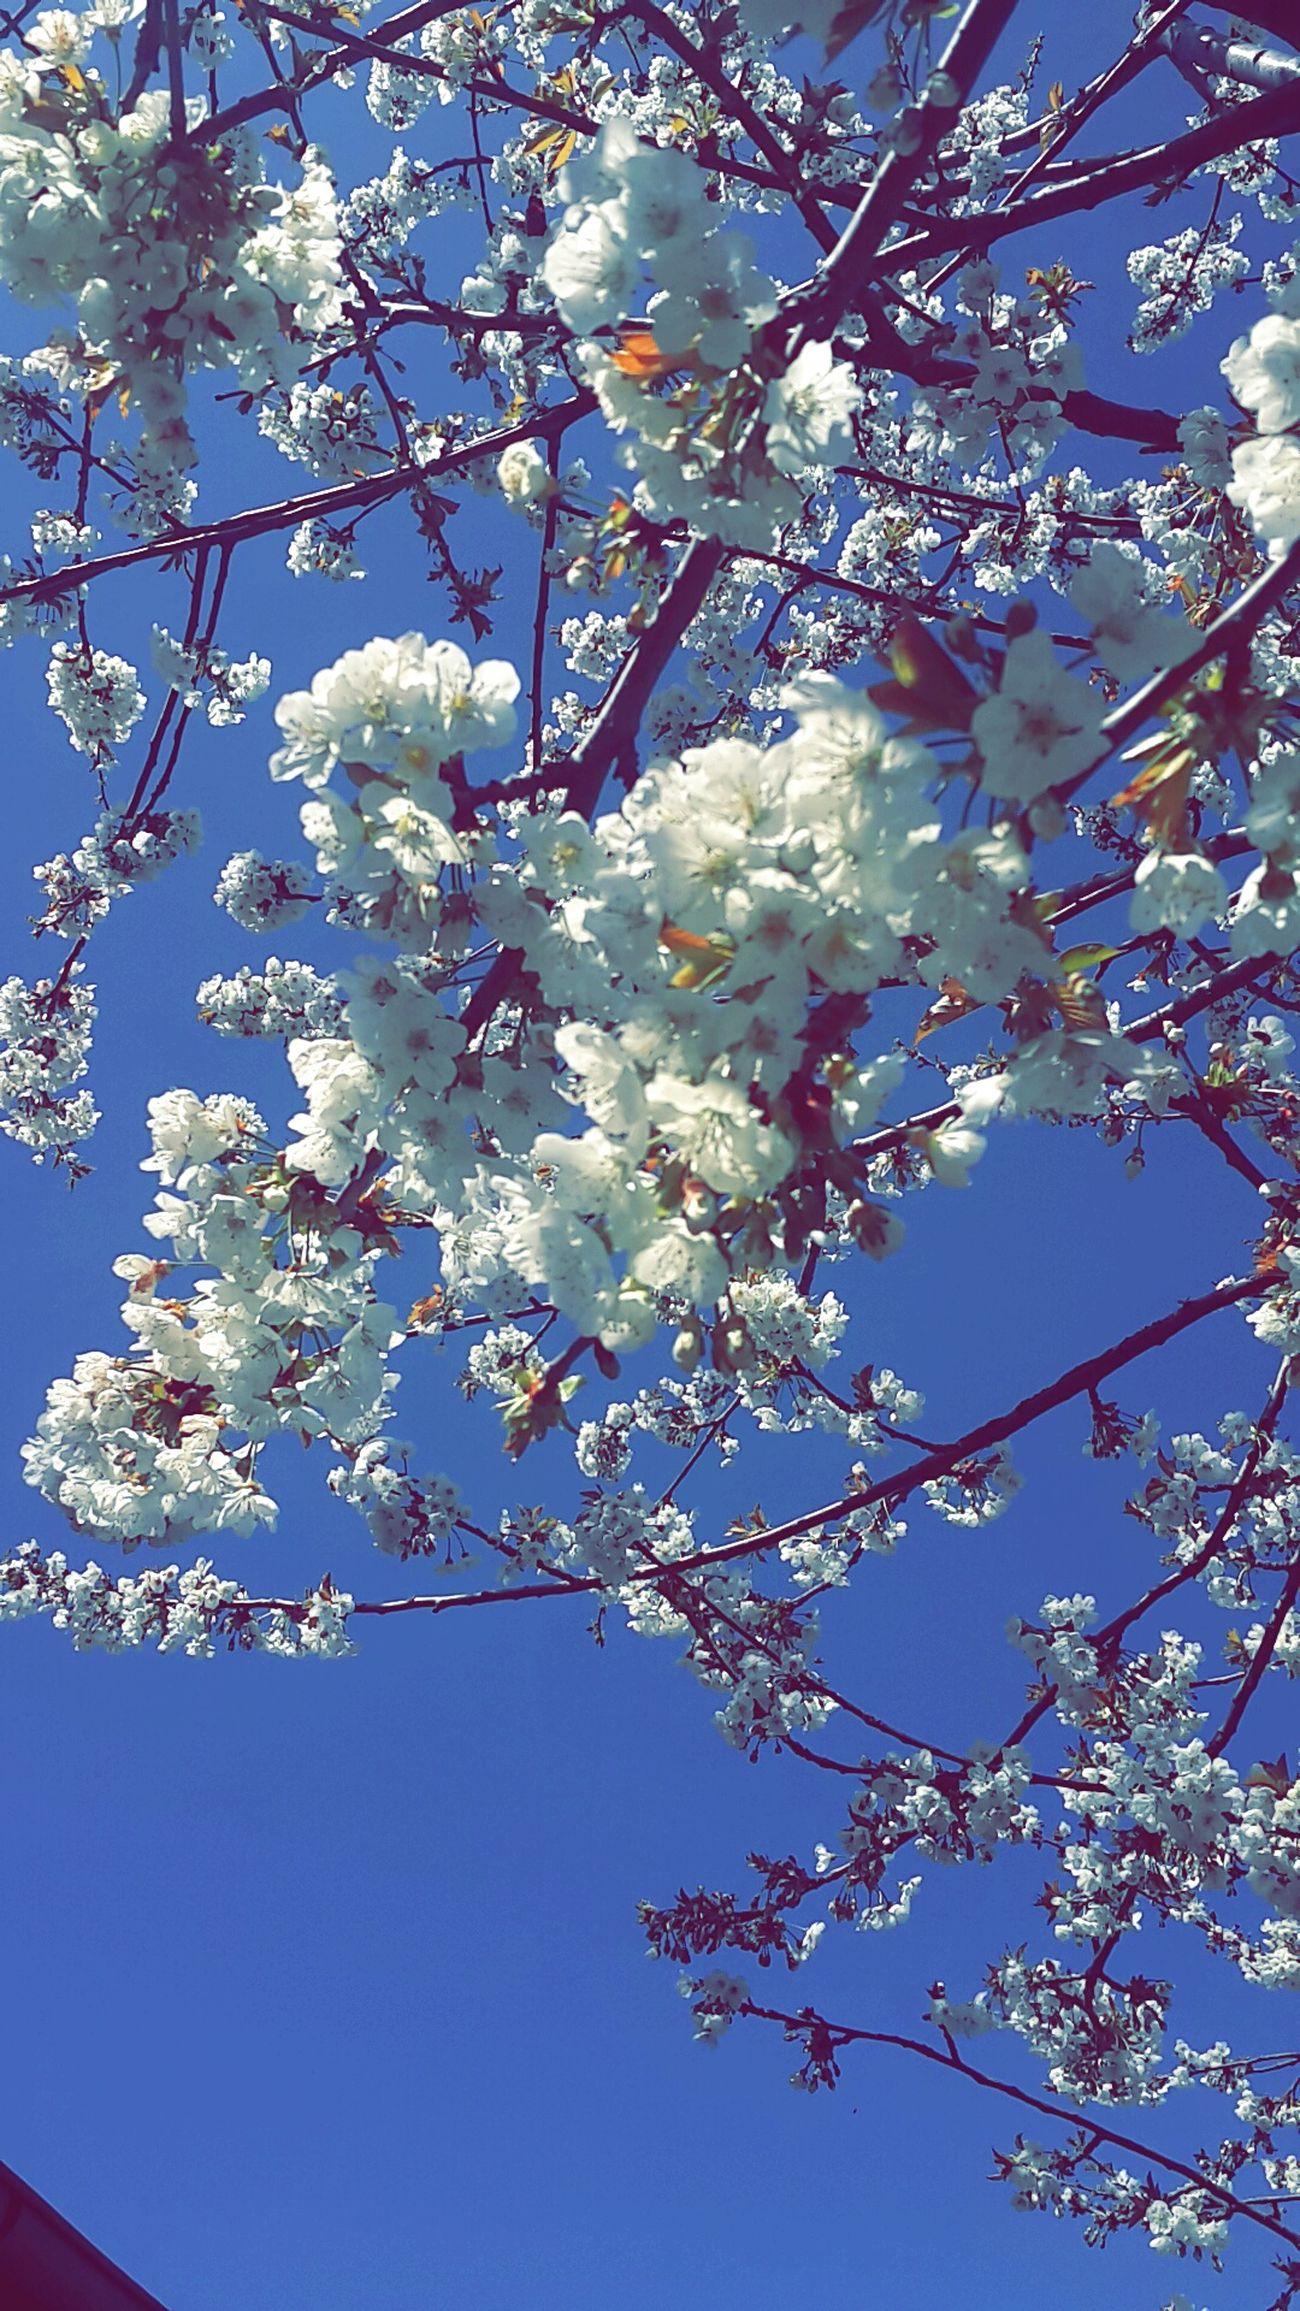 Bahar Gelmis Kirazagaclari🍒🍒🍒🍒 Kiraz çiçeği MIS Kokulu Birgun Doganin Tadini Cikar Spring Spring Flowers Flowers White Sky Blue Day Happy Girl